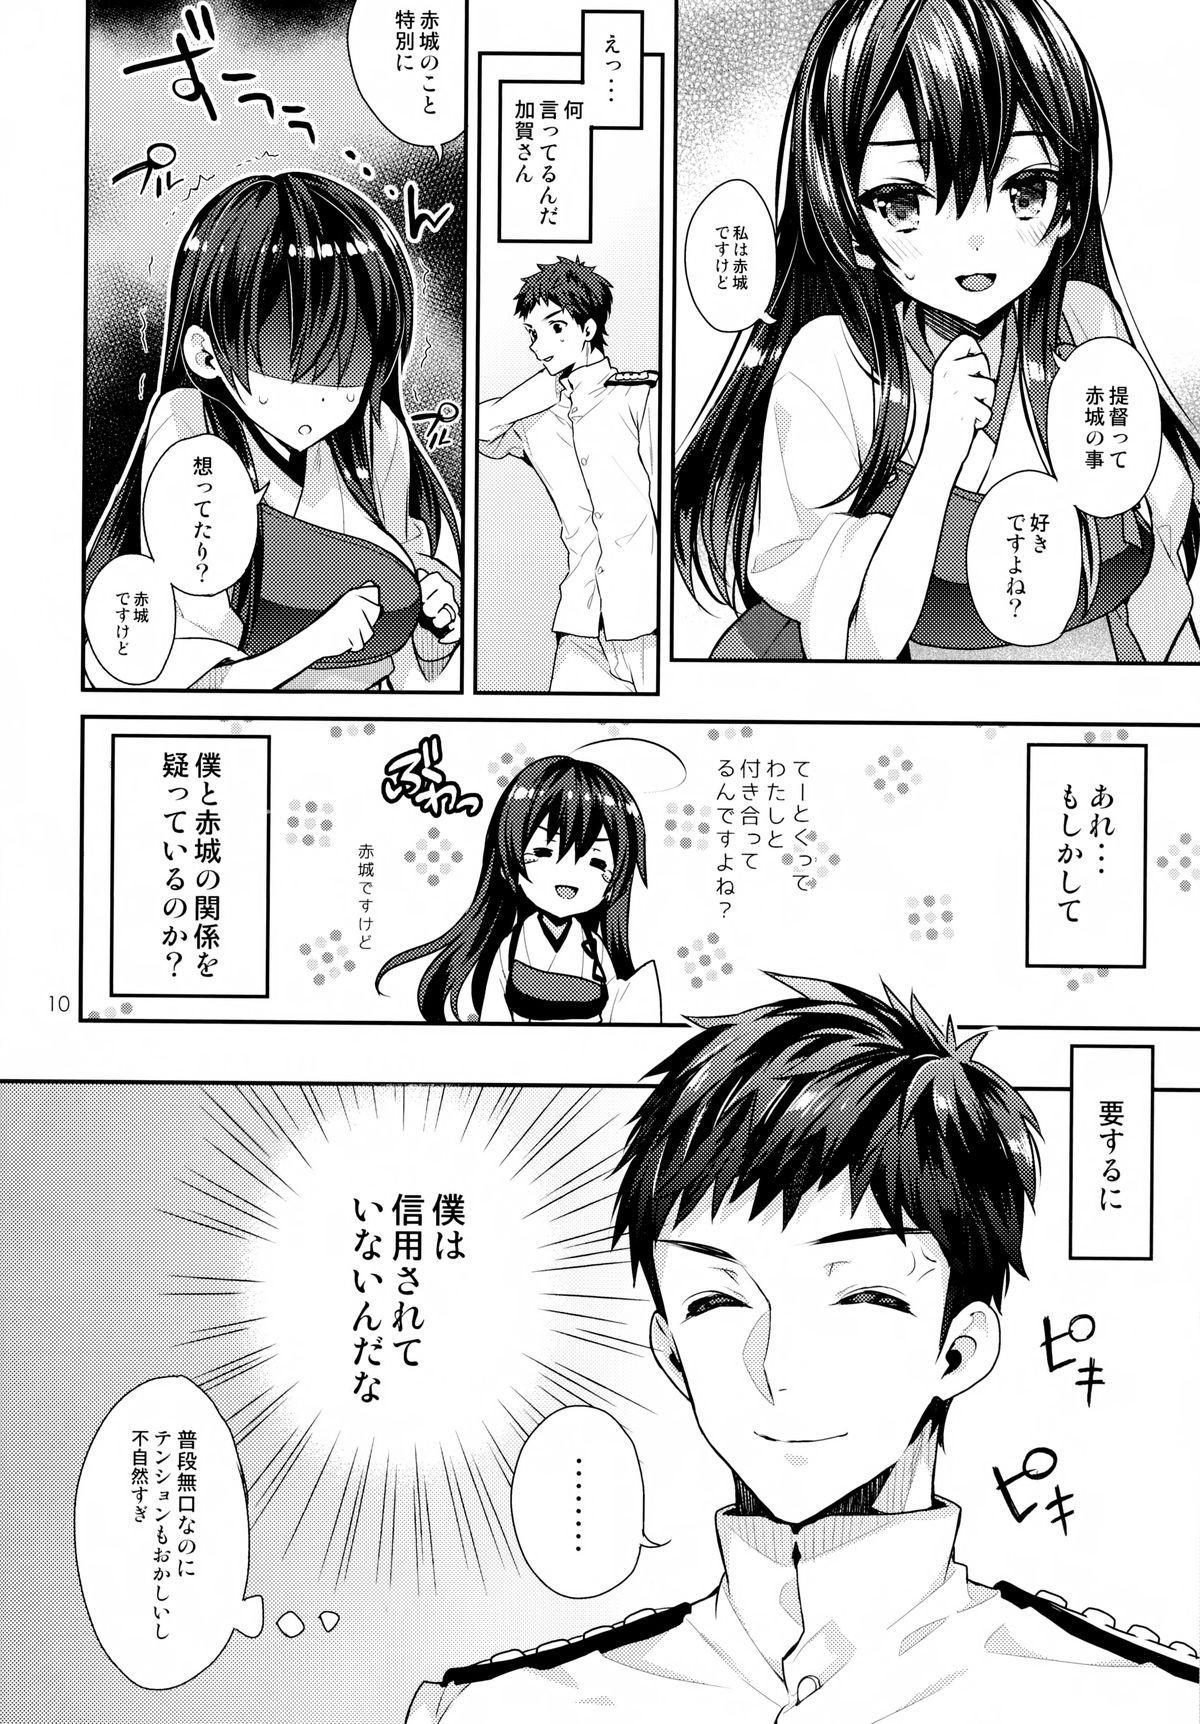 Oku-sama wa Seisai Kuubo 9